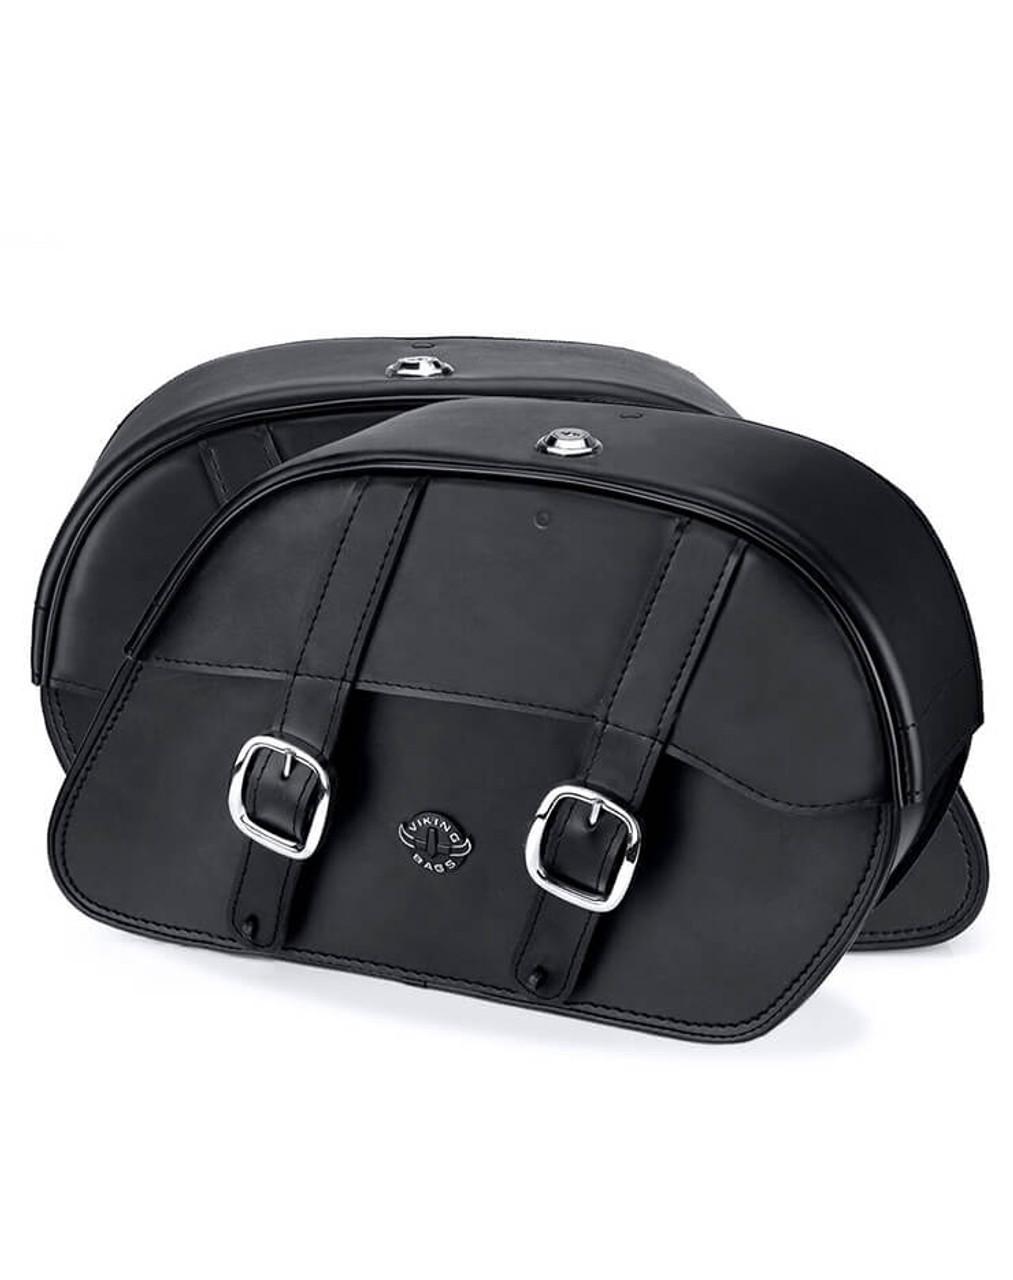 Honda 1100 Shadow Sabre Charger Slanted Medium Motorcycle Saddlebags both bags view